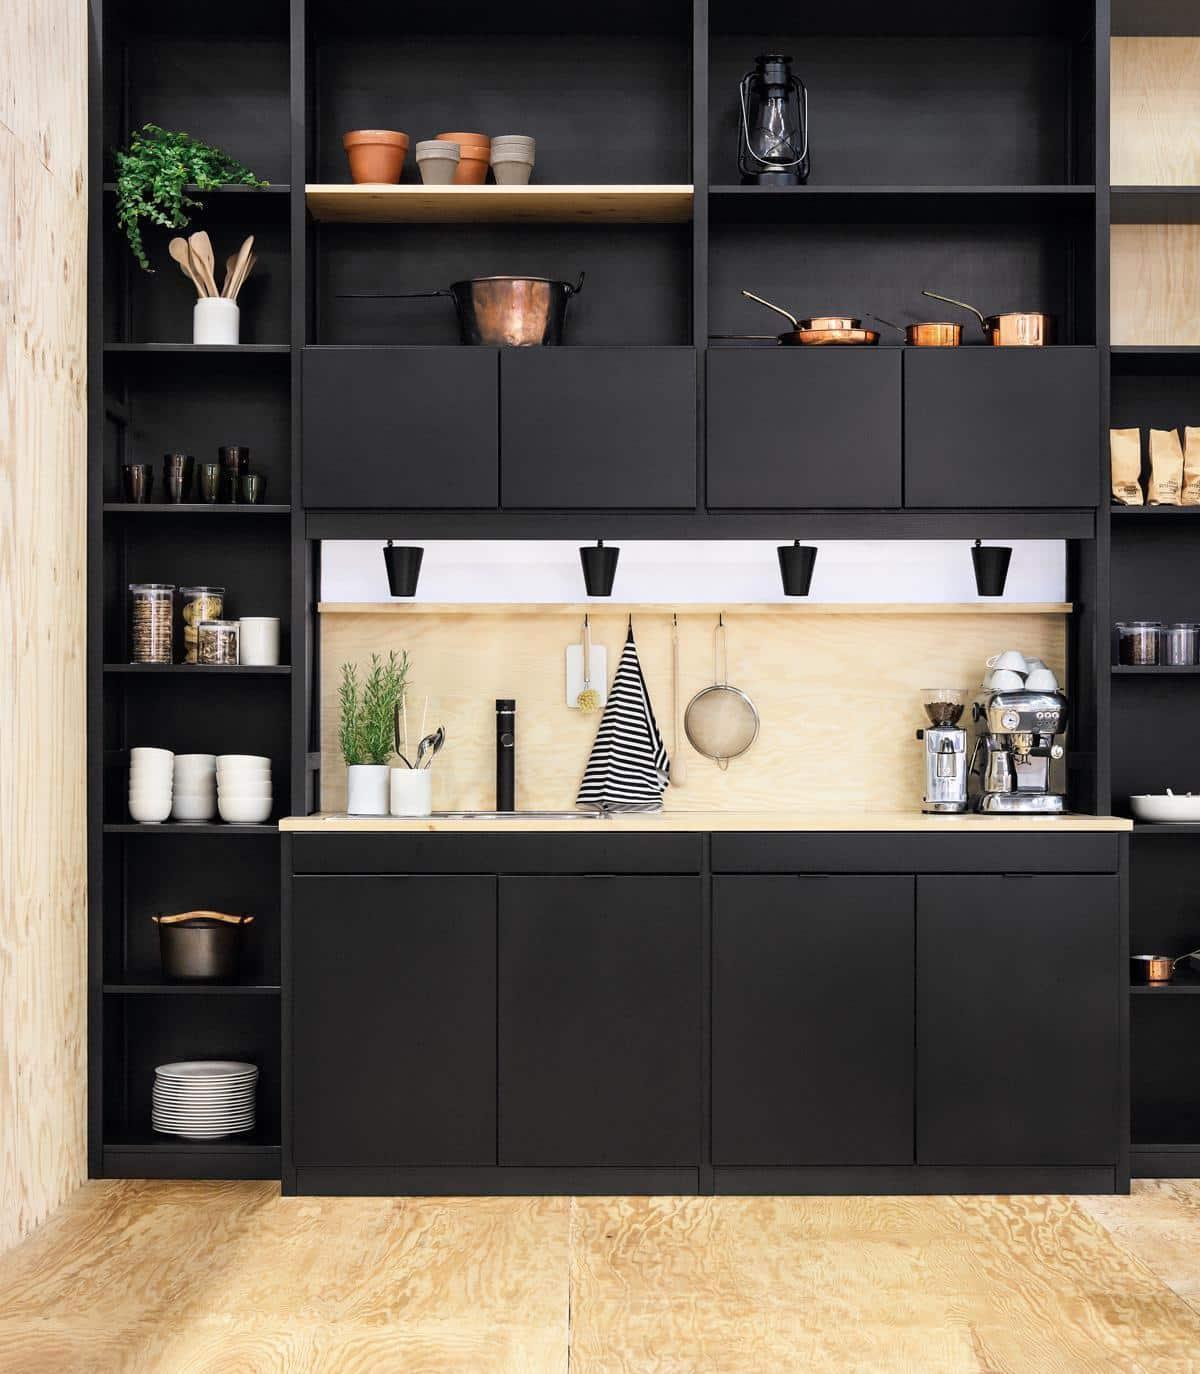 Безупречный дизайн маленькой кухни в темном цвете с линейной планировкой гарнитура